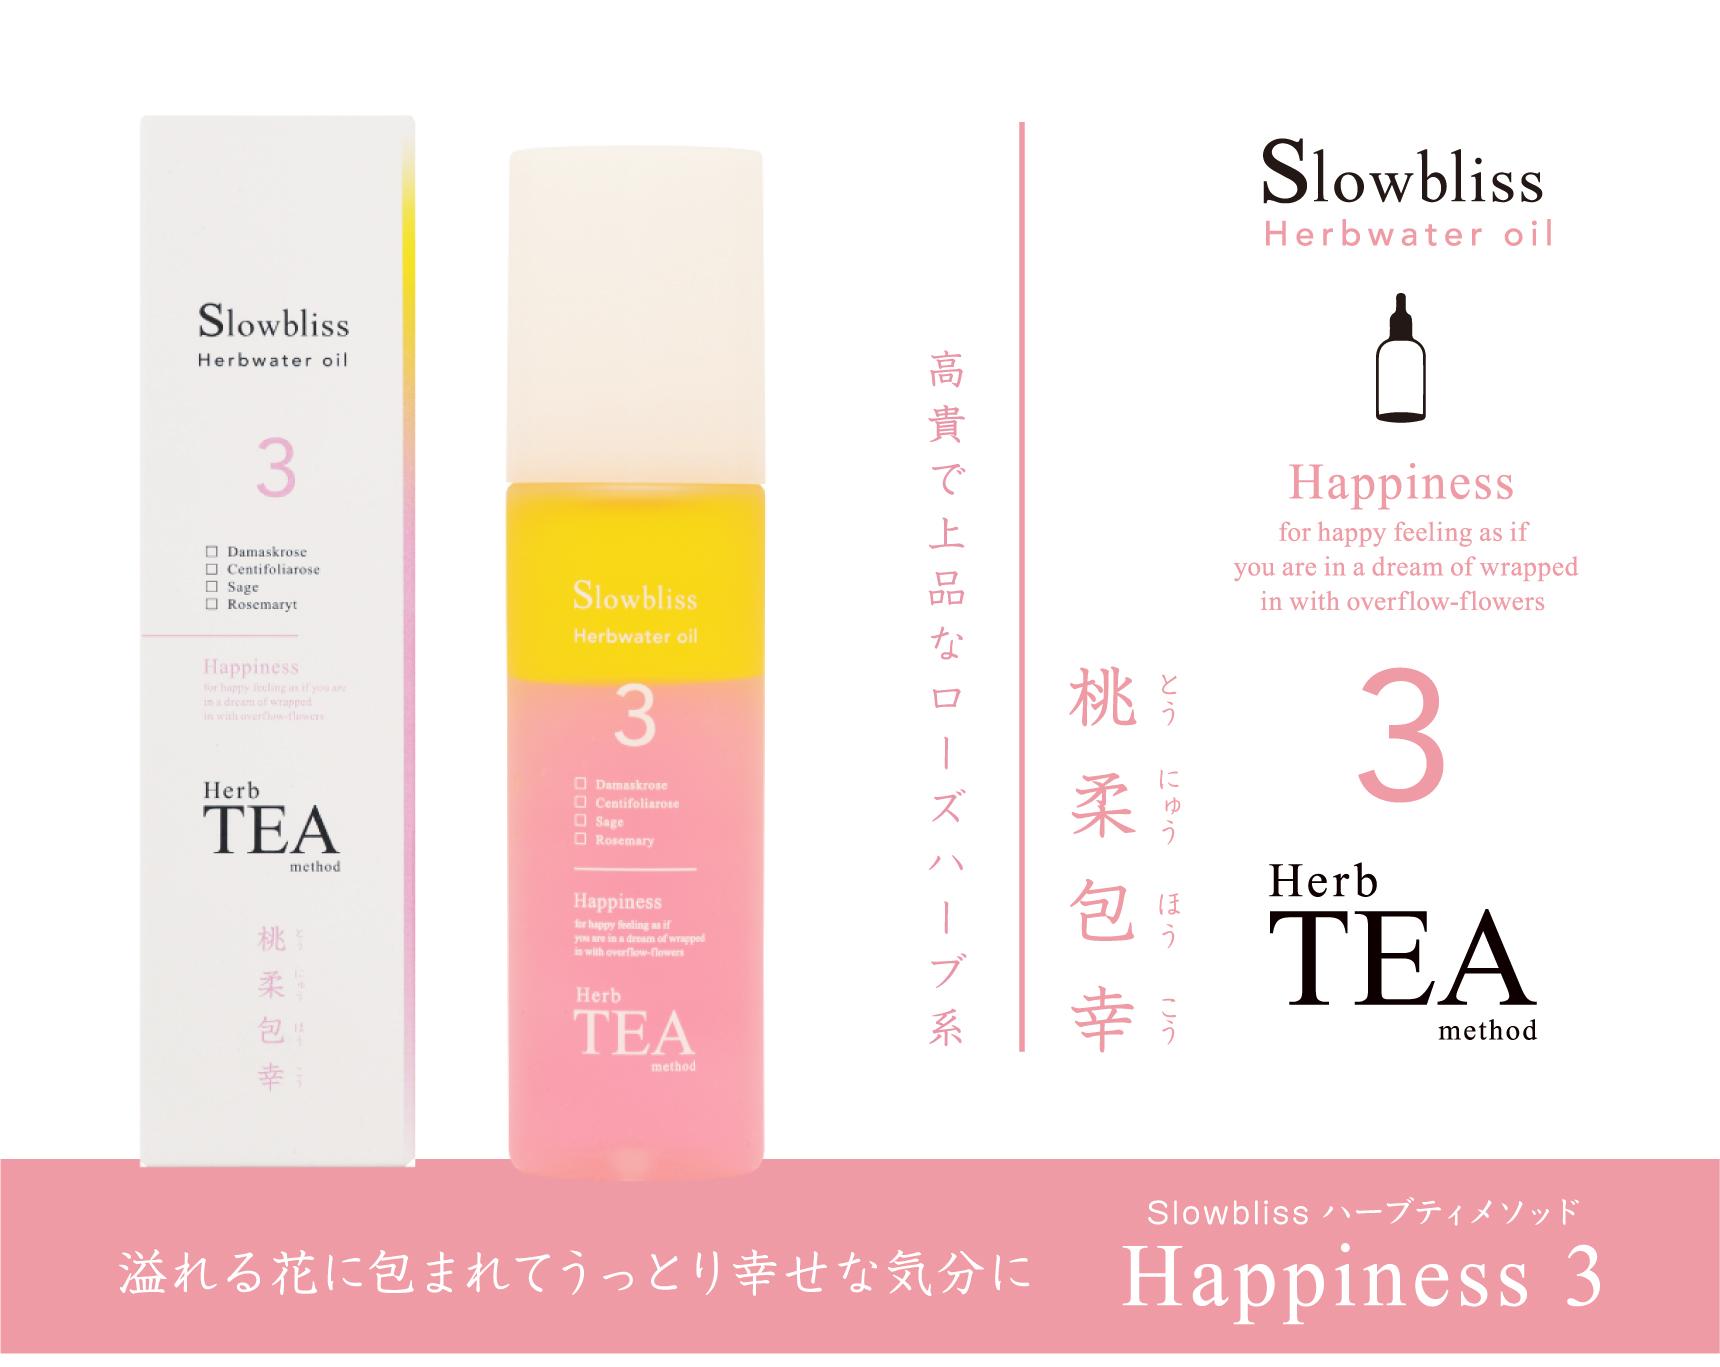 Slowbliss ハーブウォーターオイル 溢れる花に包まれて、うっとり幸せな気分に 「桃柔包幸」高貴で上品なローズハーブ系 Happiness3